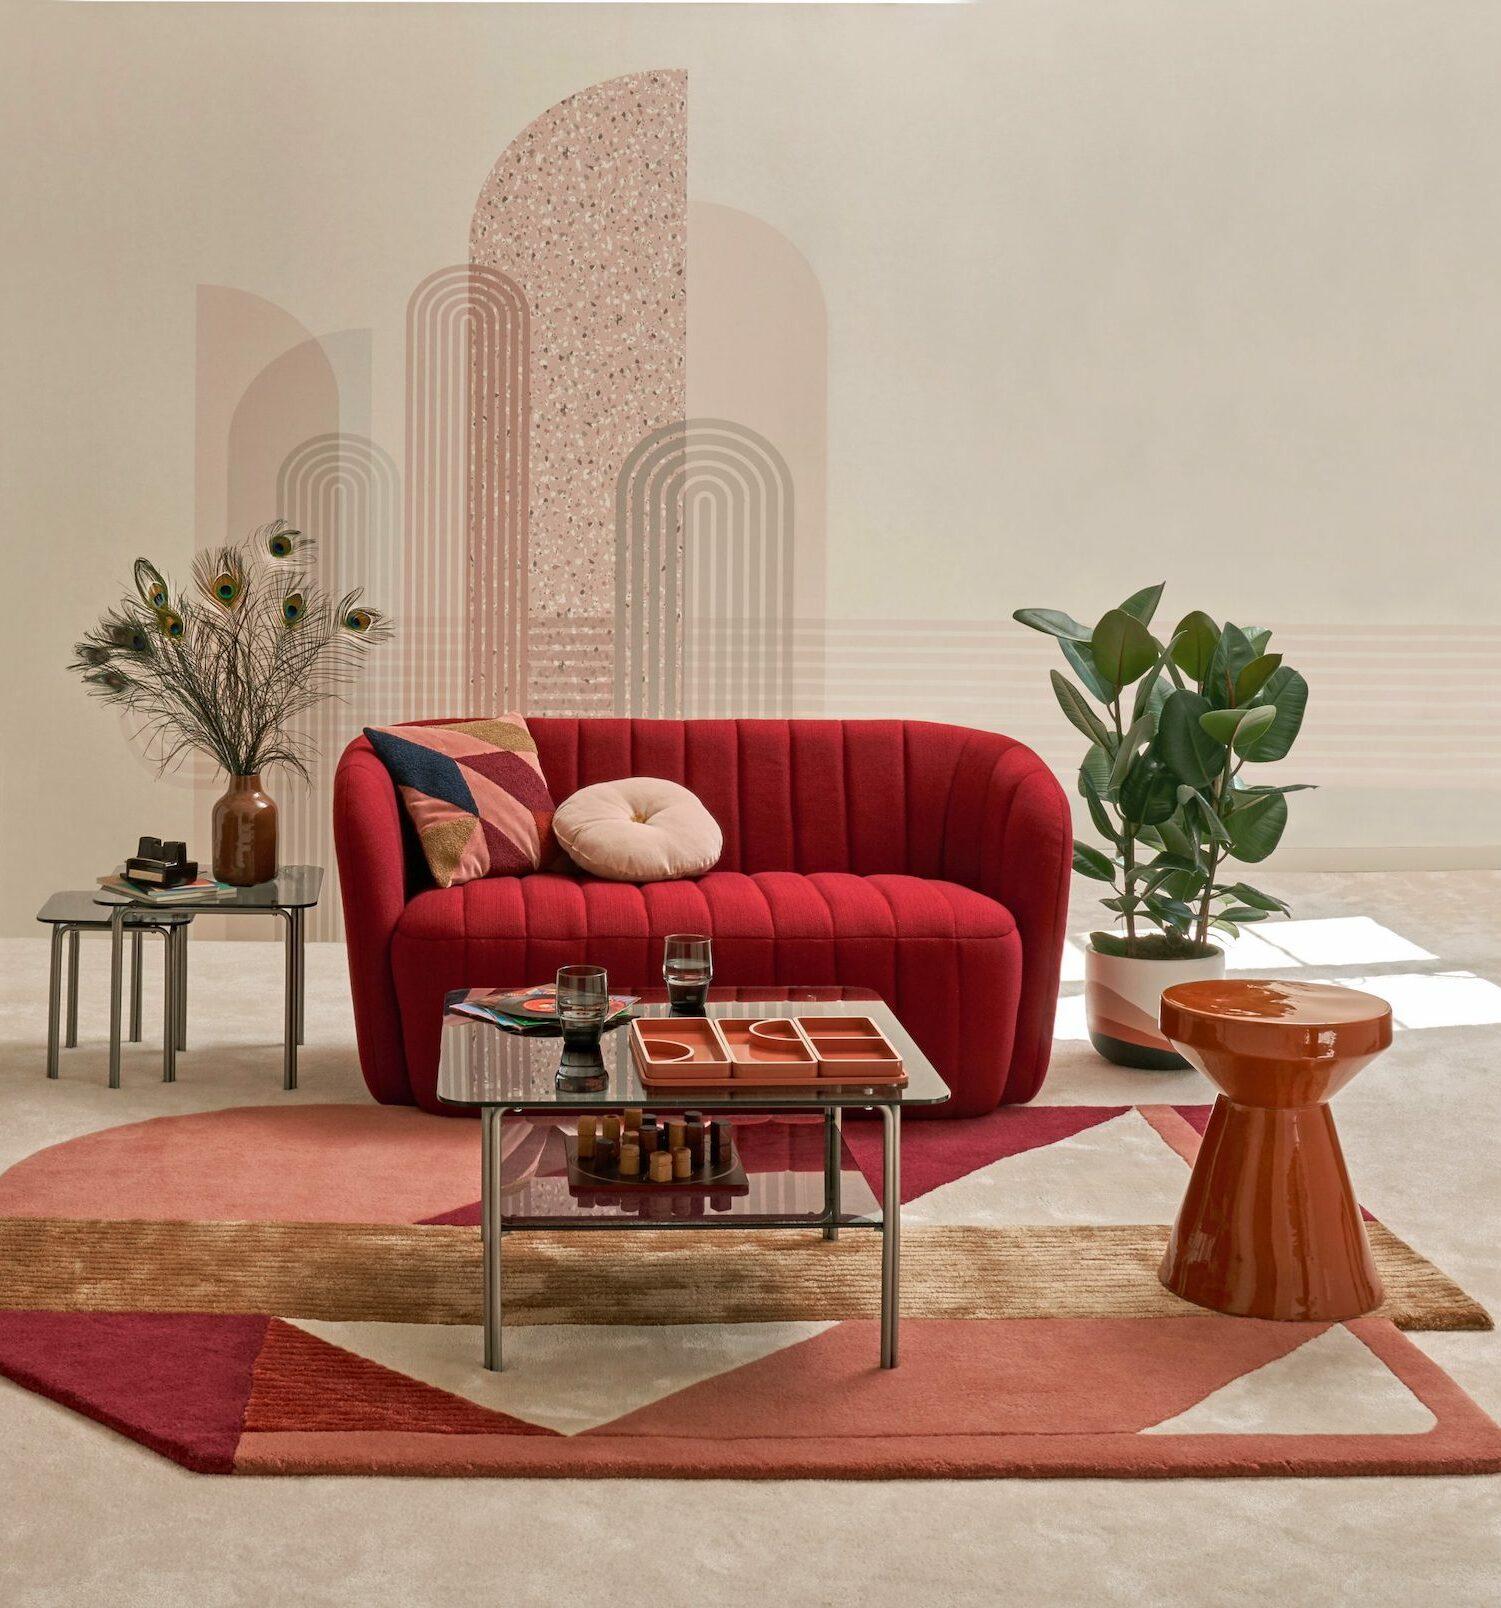 salon camaieu rouge canapé coquillage arrondi style Memphis décoration